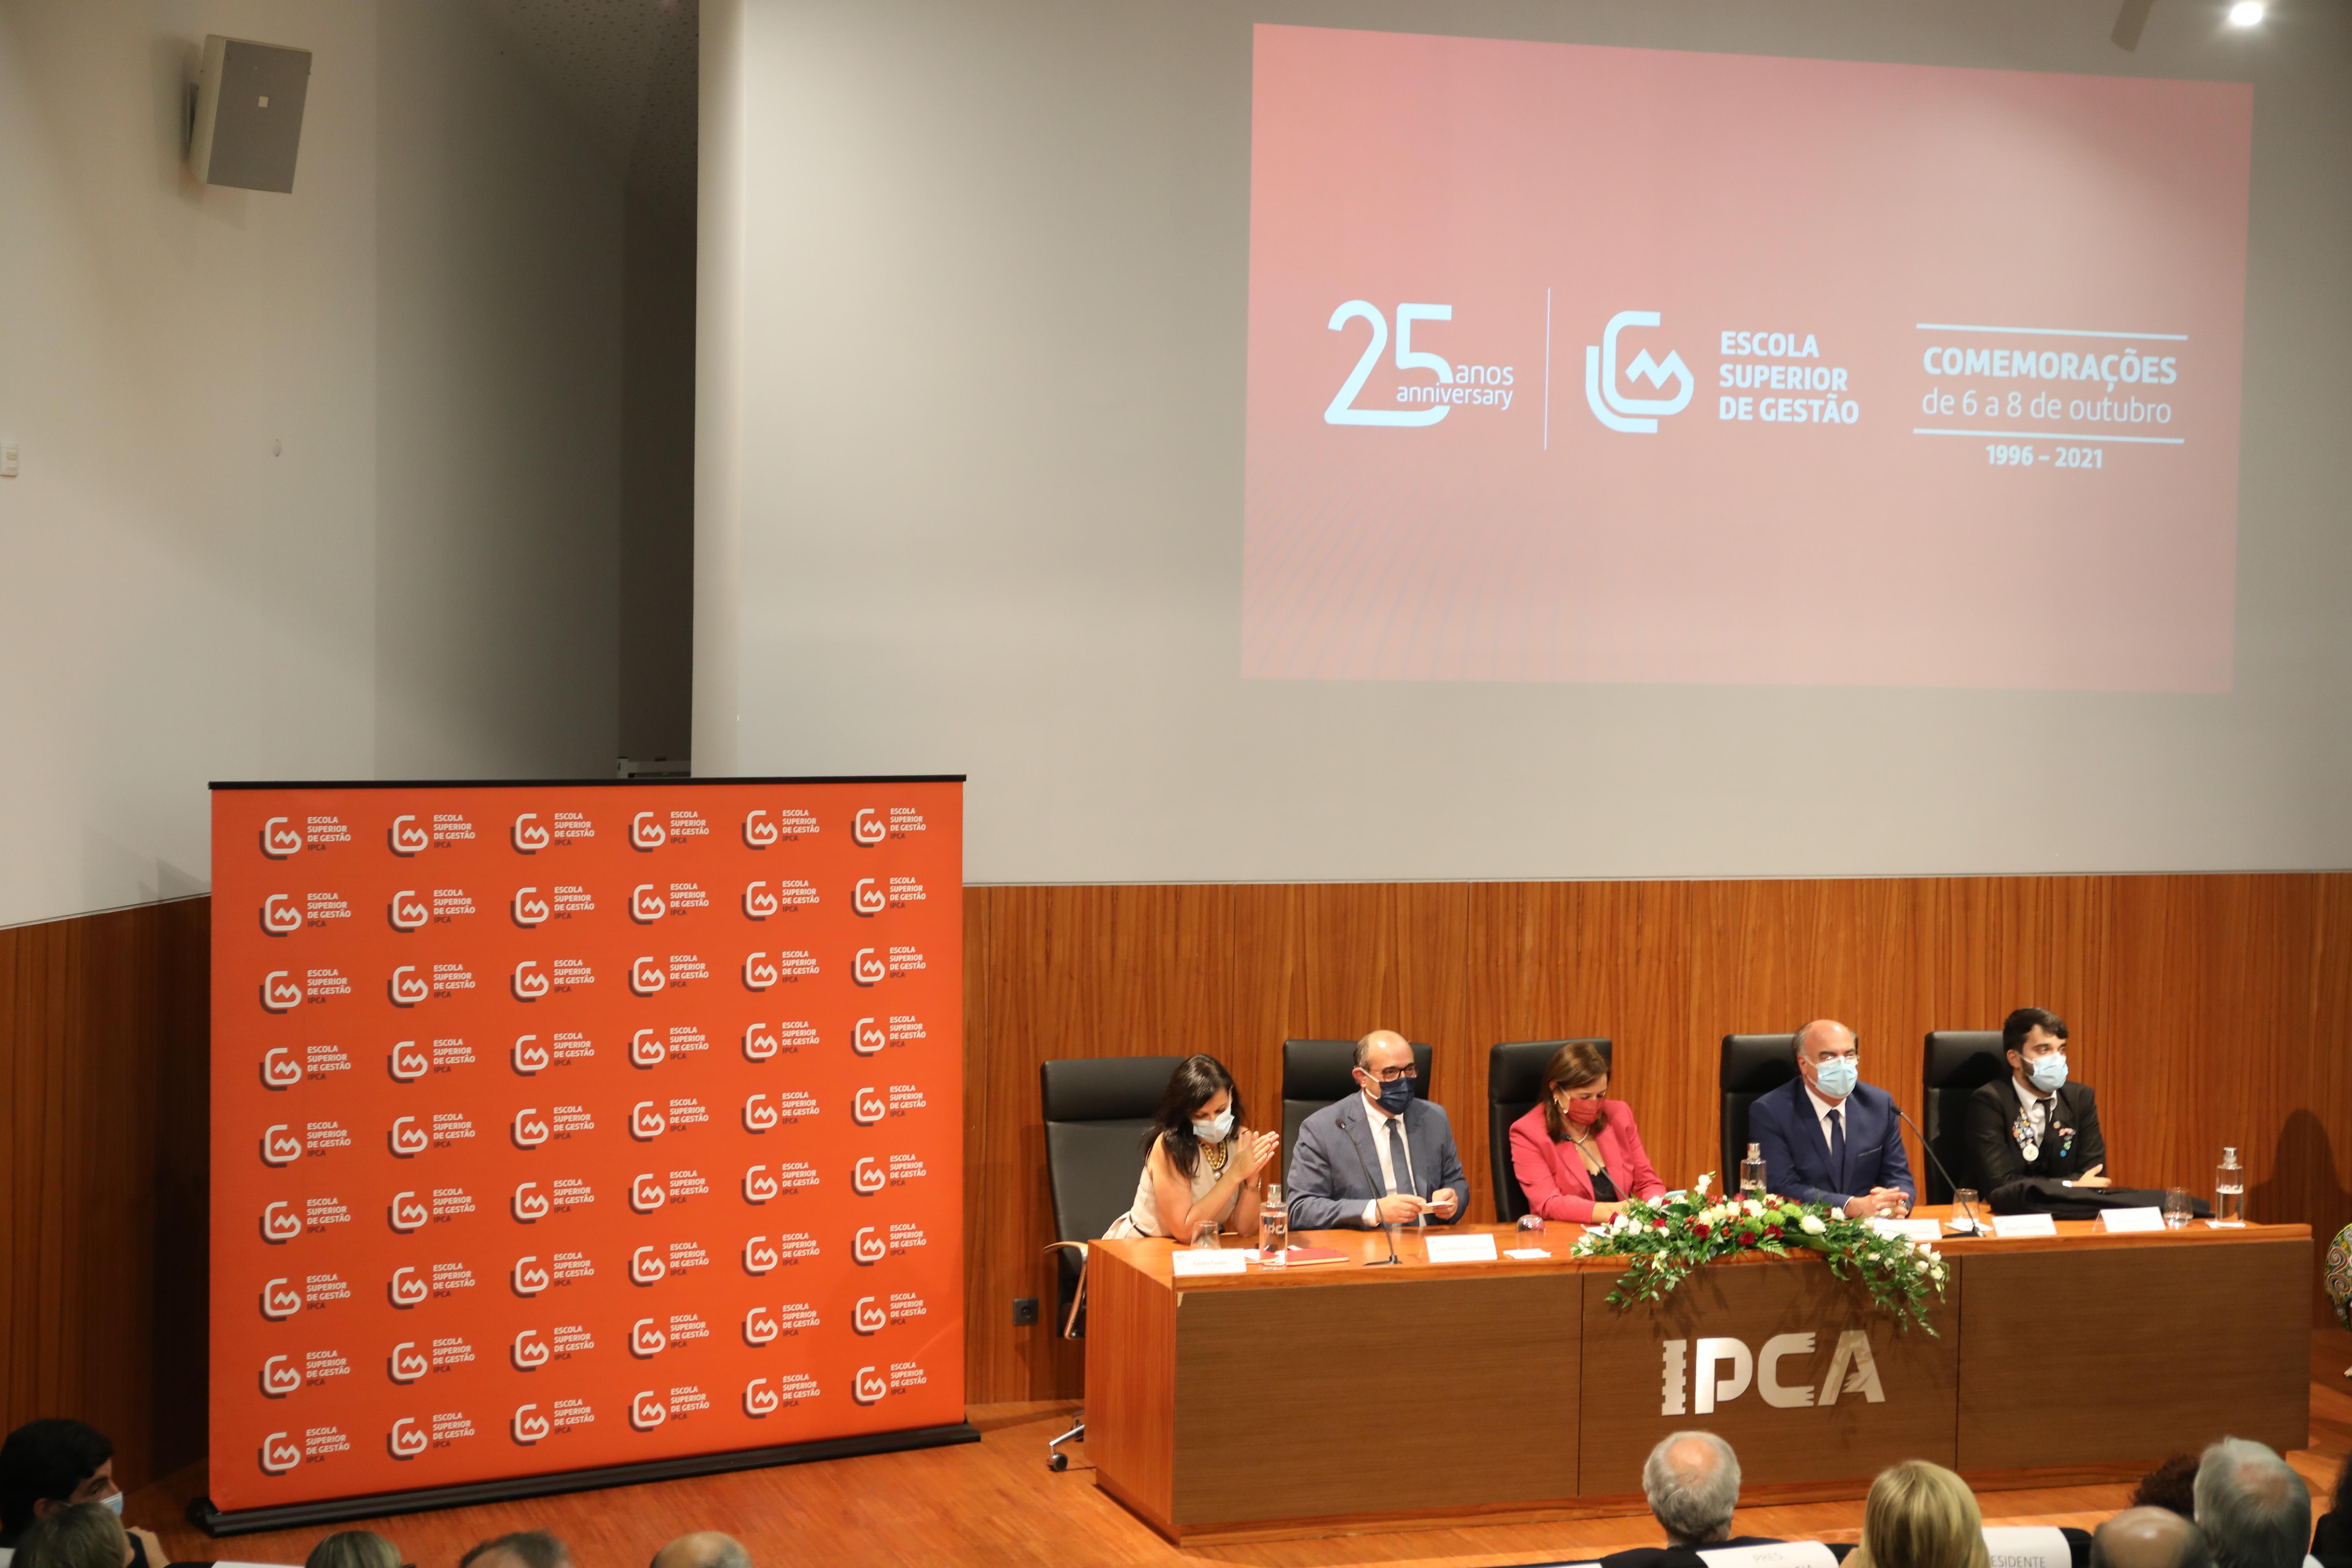 Escola Superior de Gestão do IPCA comemorou 25 anos